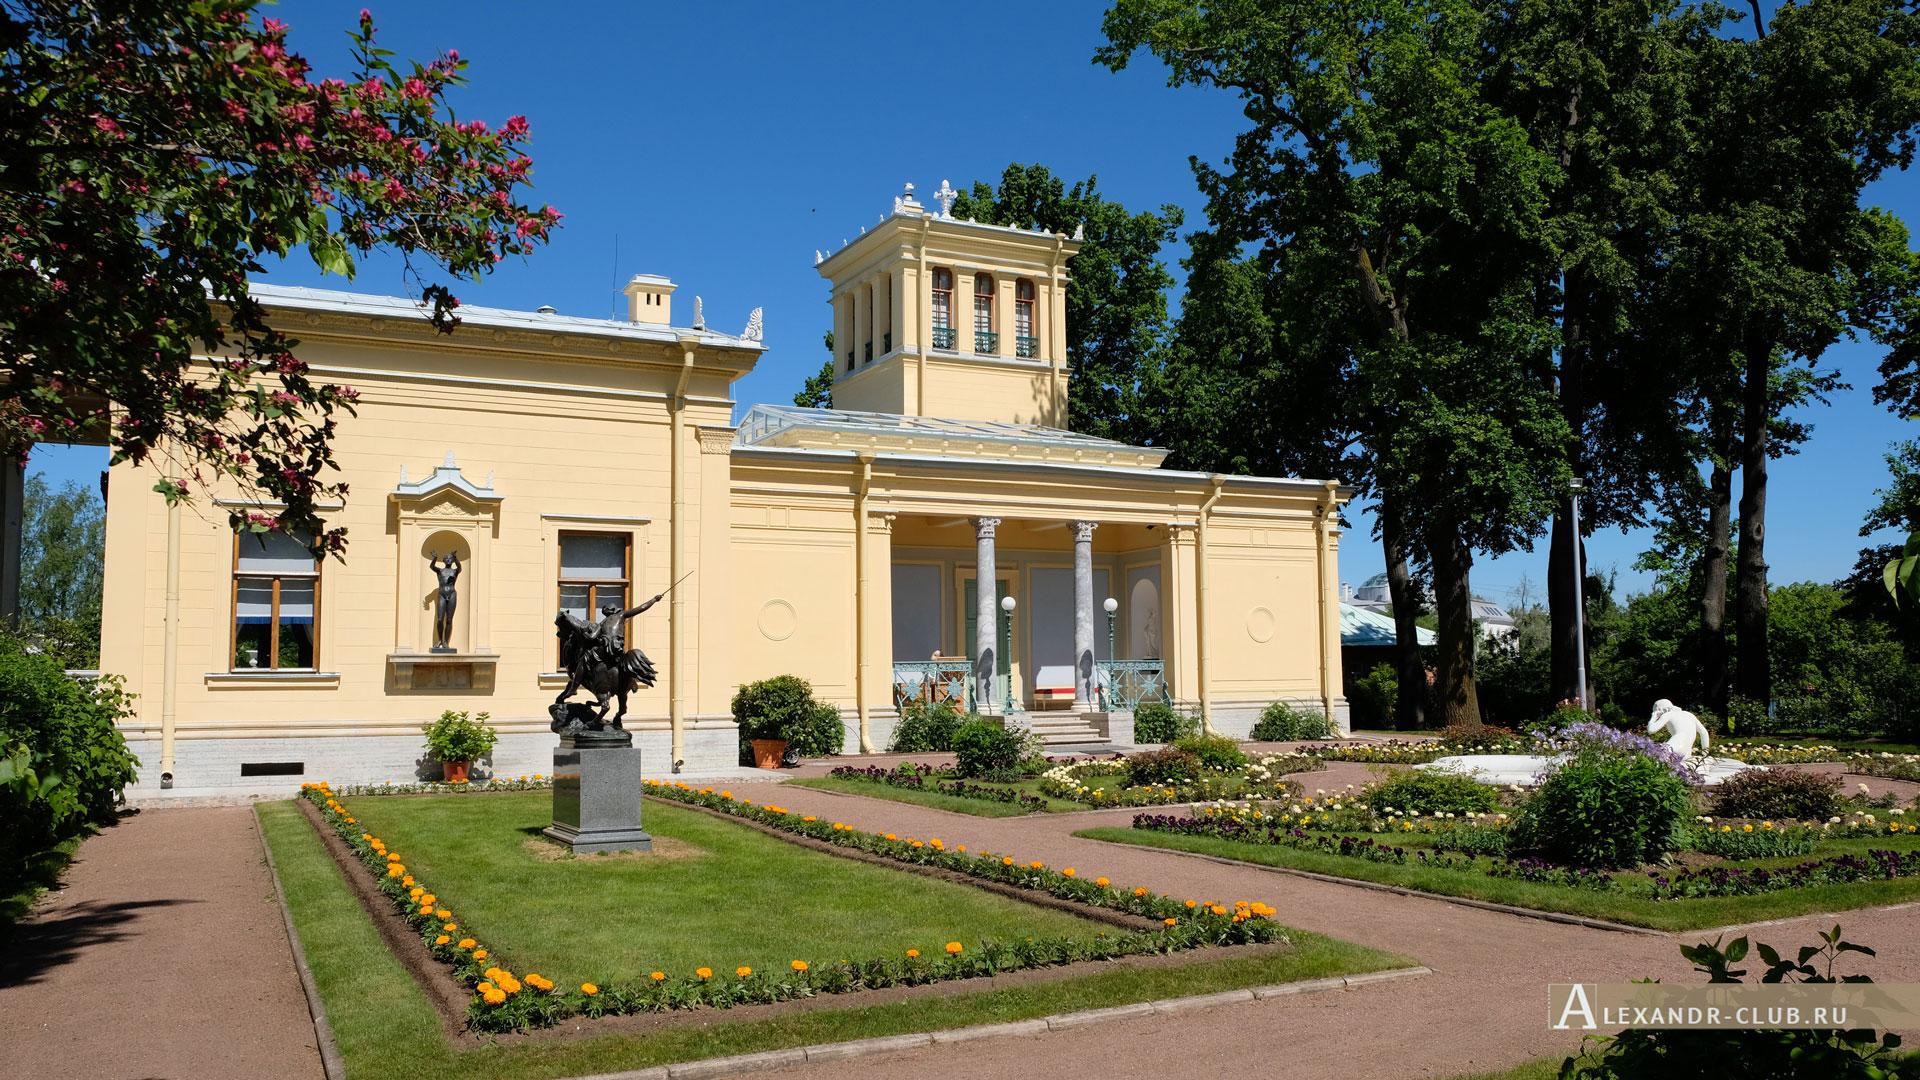 Петергоф, Колонистский парк, лето, Царицын павильон, партерный садик